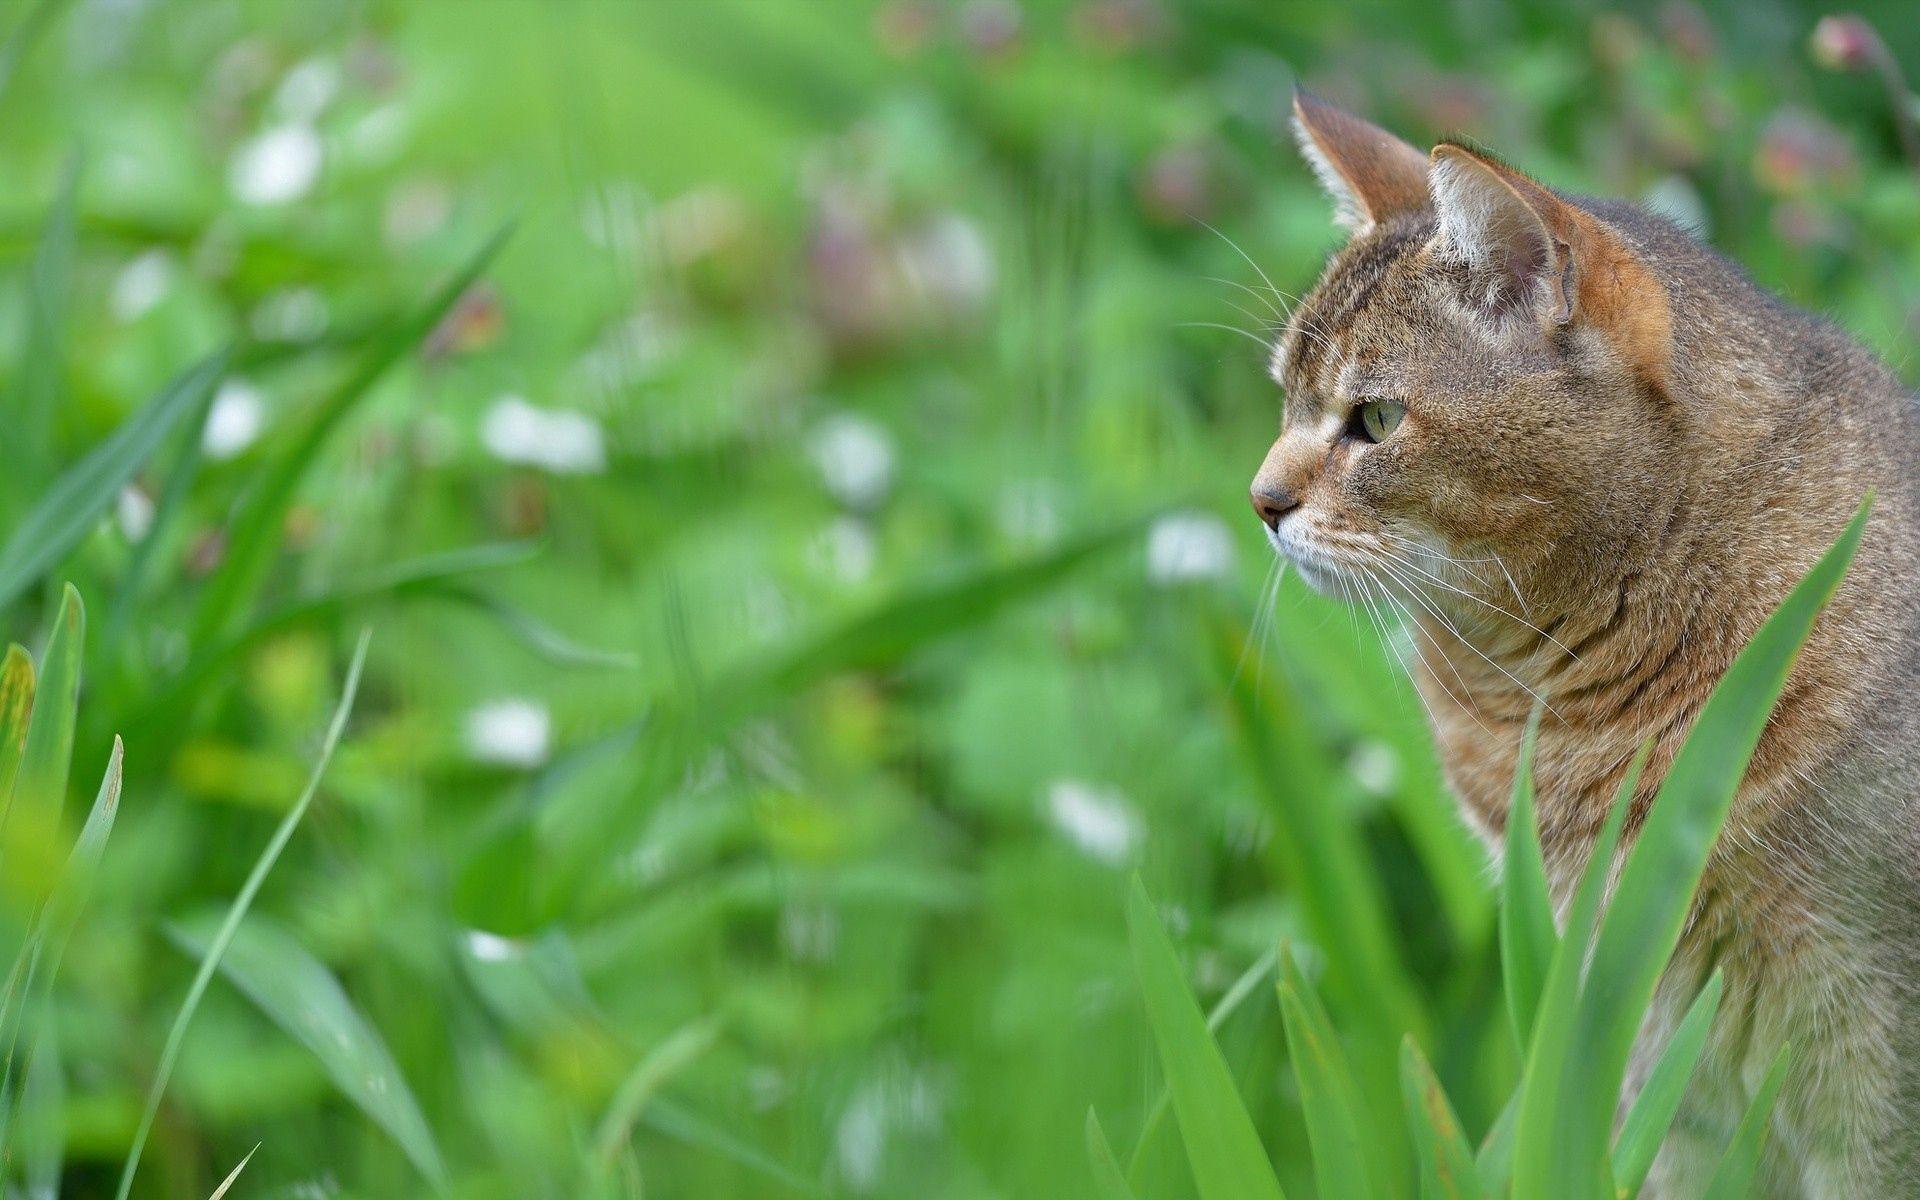 155975 скачать обои Животные, Кот, Морда, Профиль, Трава - заставки и картинки бесплатно